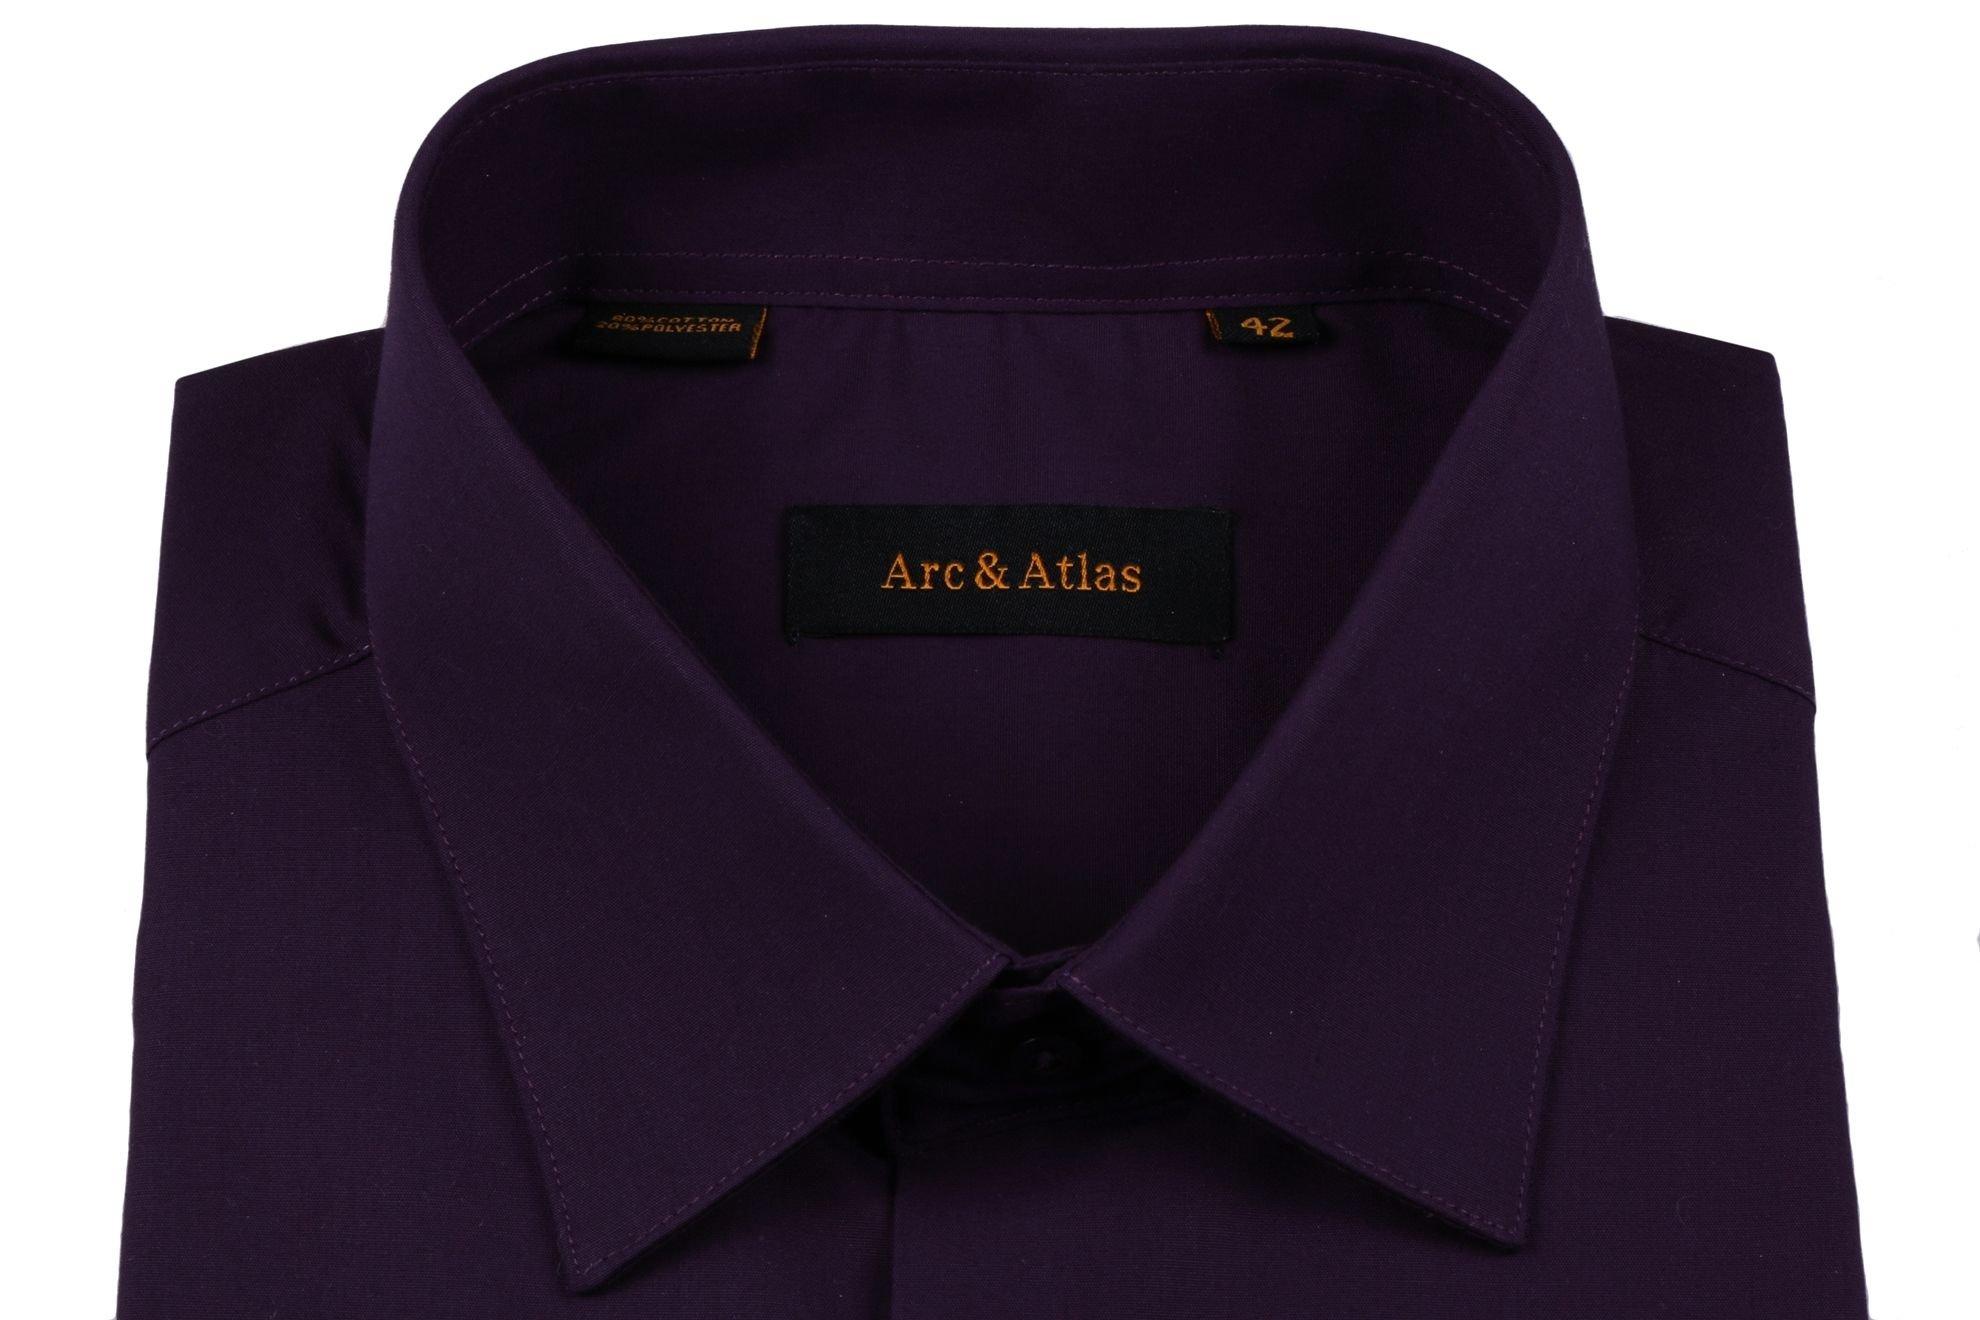 Рубашка мужская классика однотонная цвет темно-фиолетовый с длинным рукавом  (Арт. OD-014)